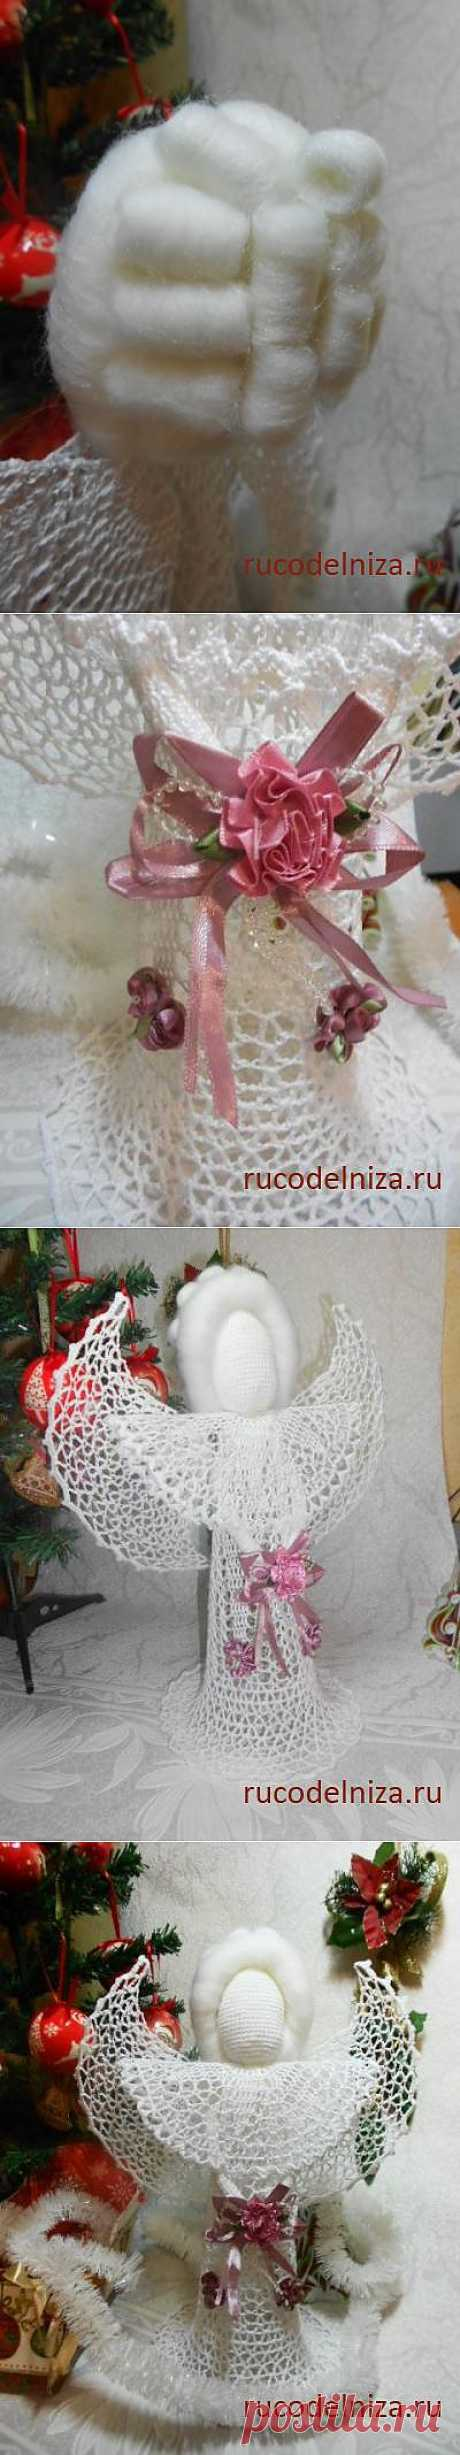 Сайт Рукодельница - социальная сеть для рукодельниц - Alyocha » дневник » Снегурочка-Ангел